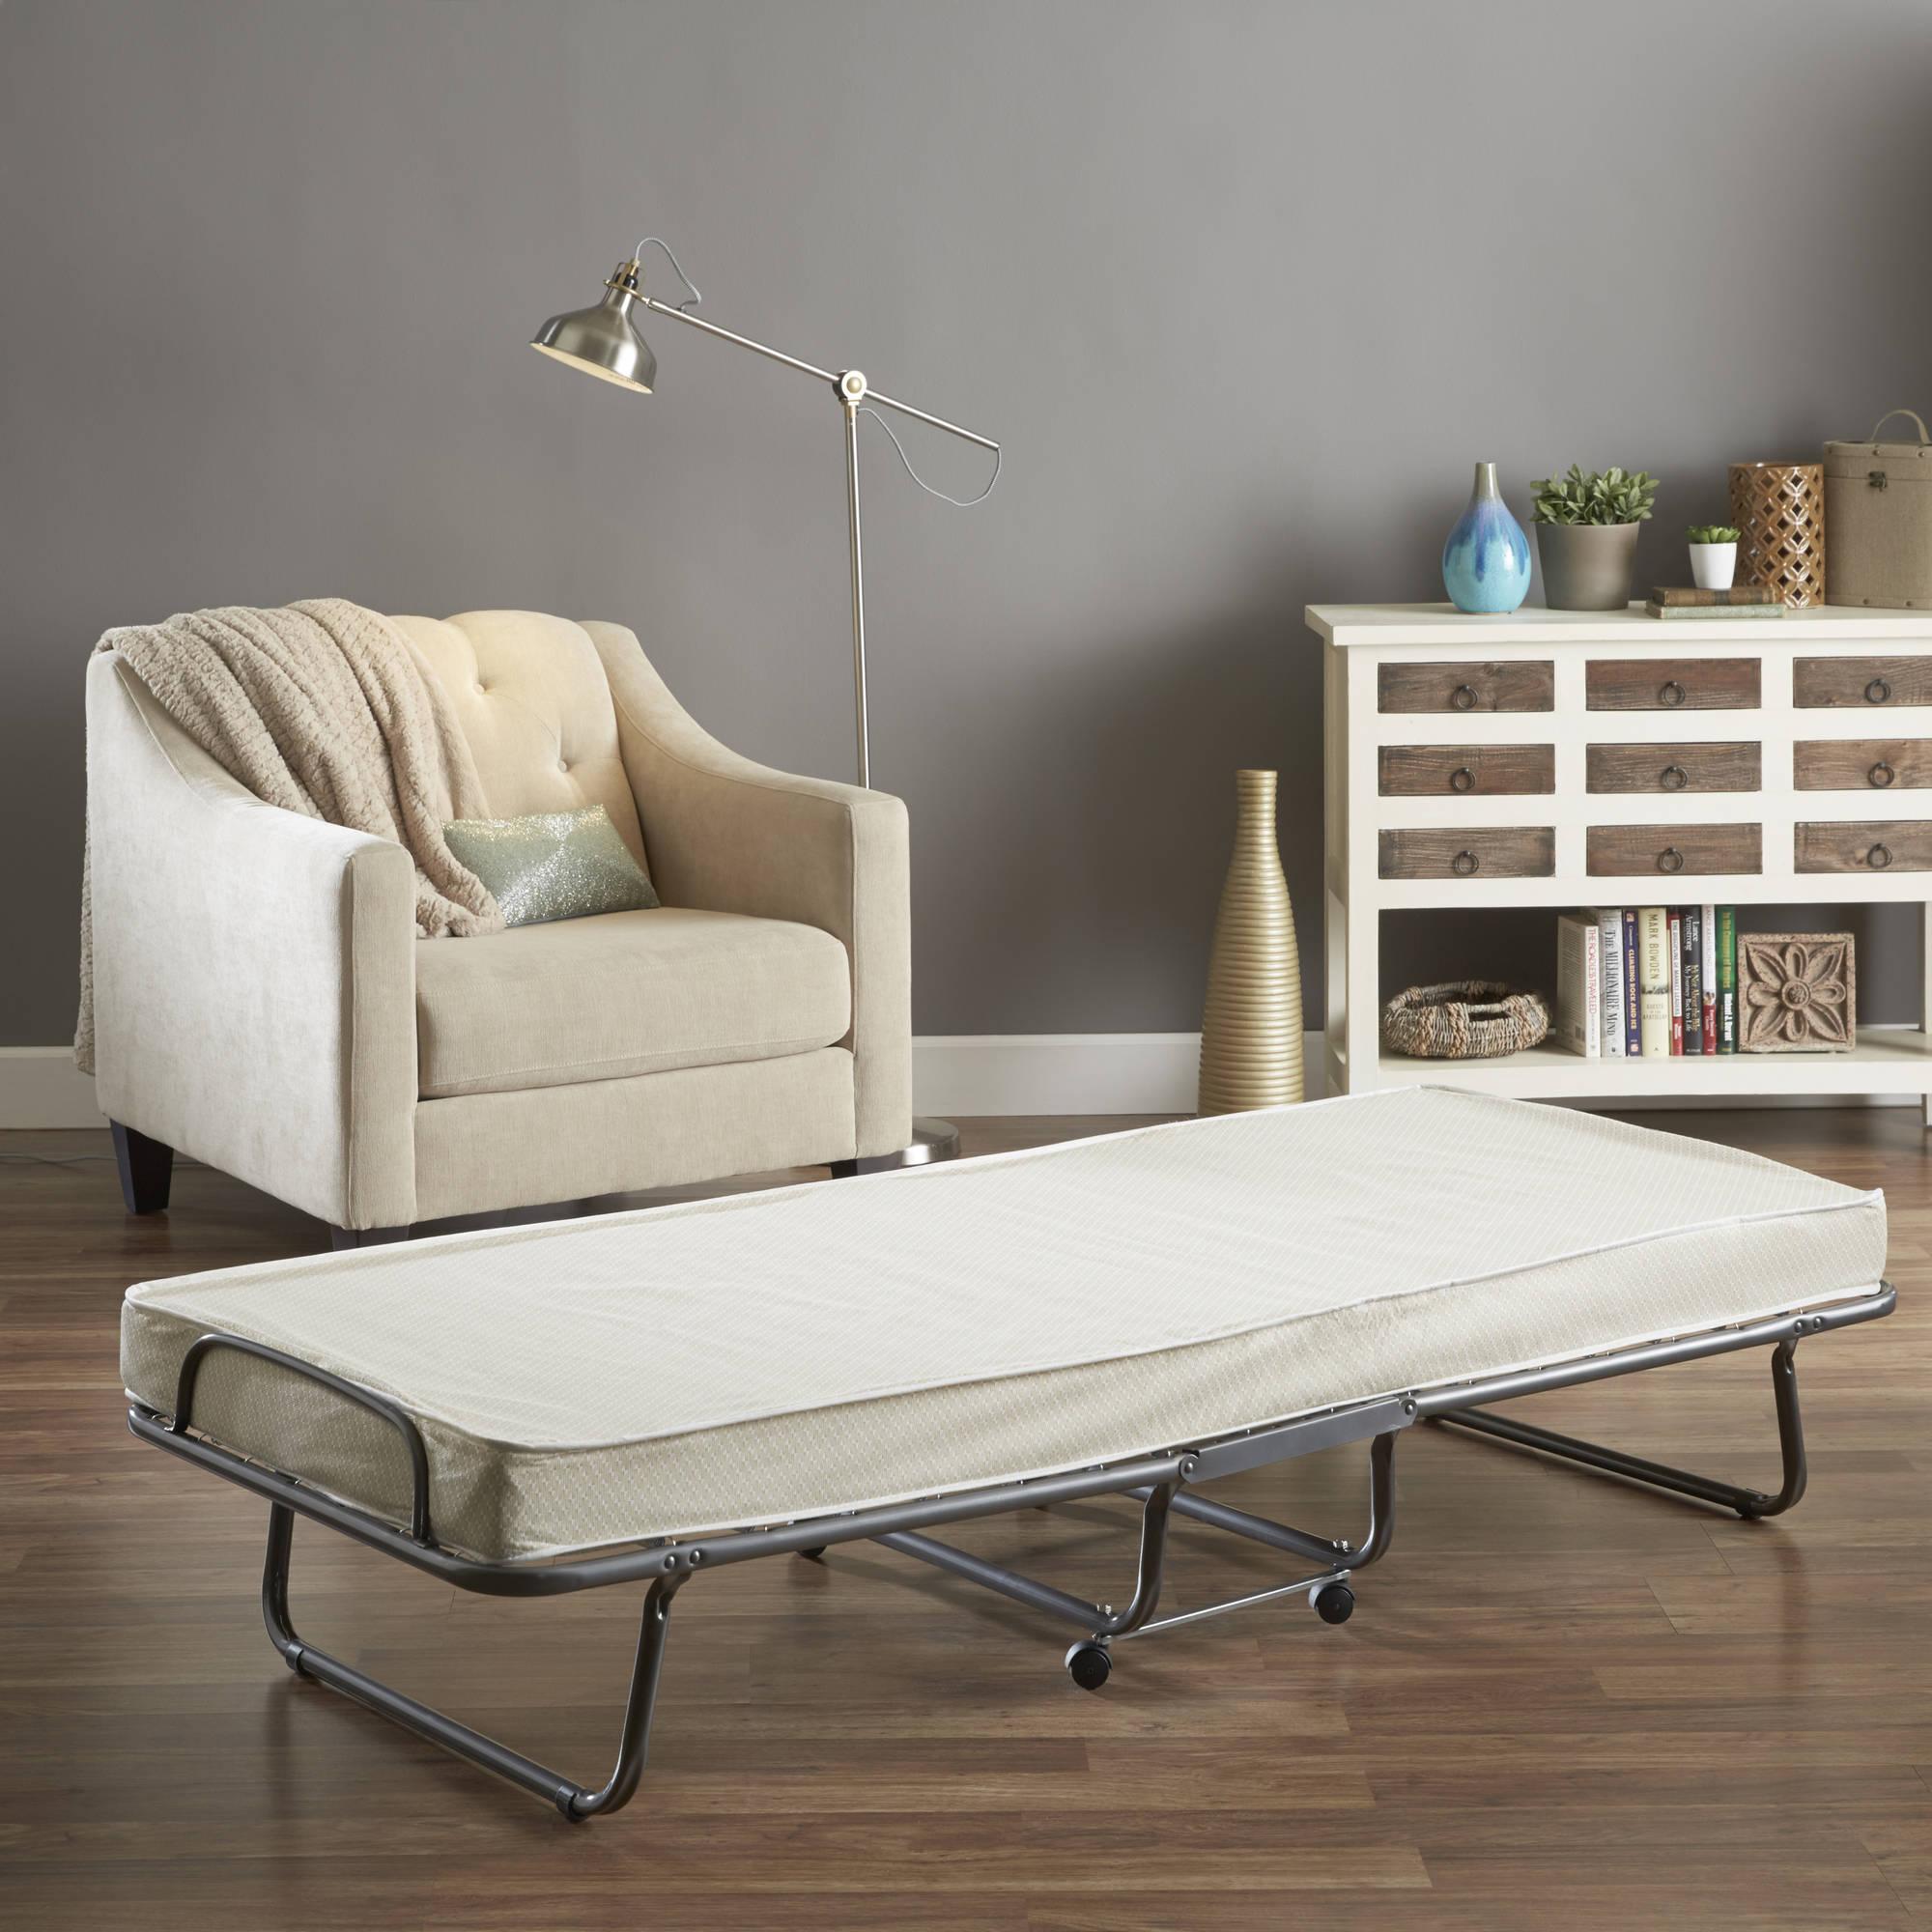 Perlato Folding Bed Rollaway Twin Guest